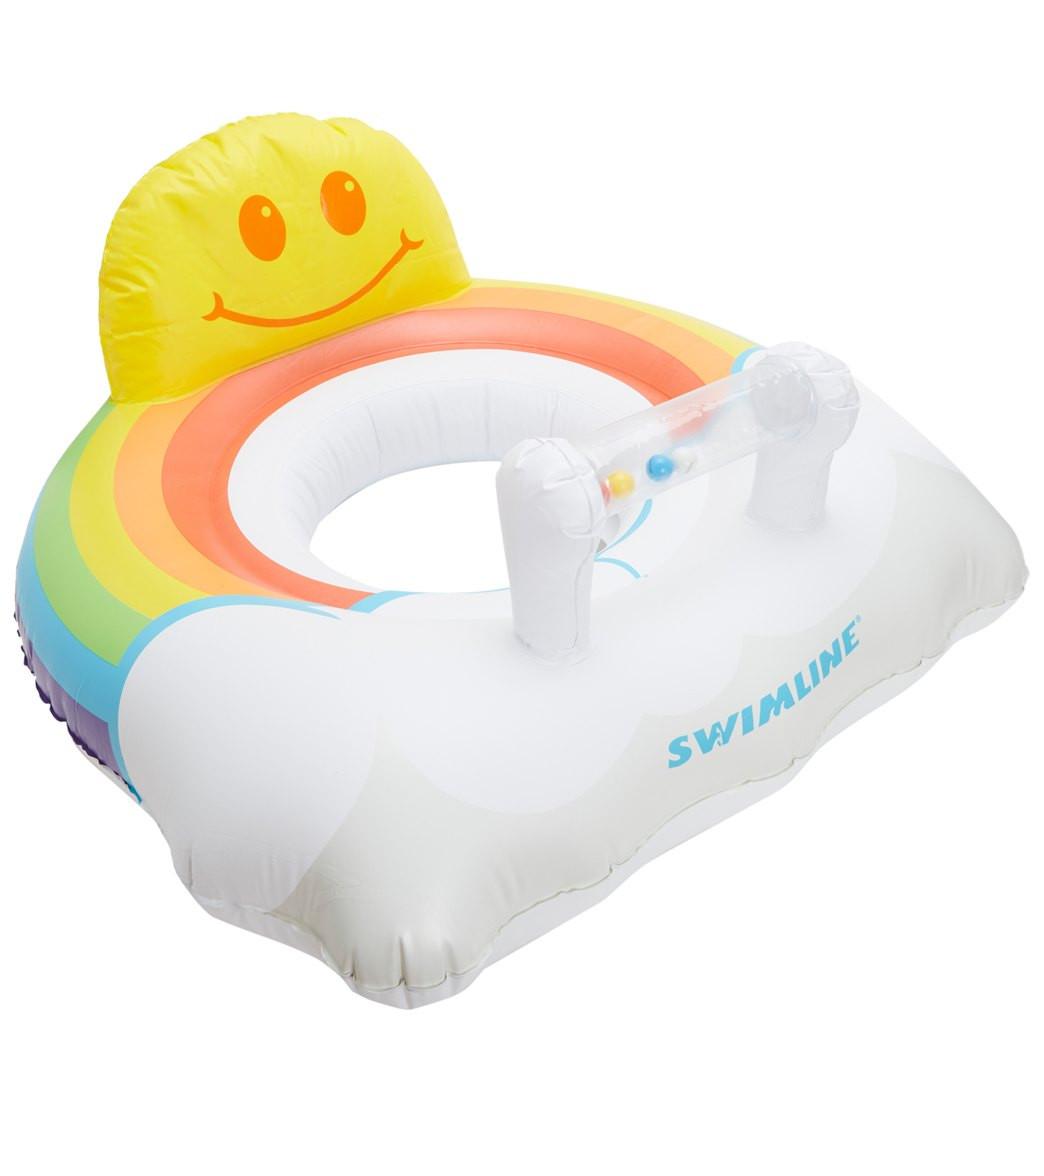 Rainbow Baby Seat